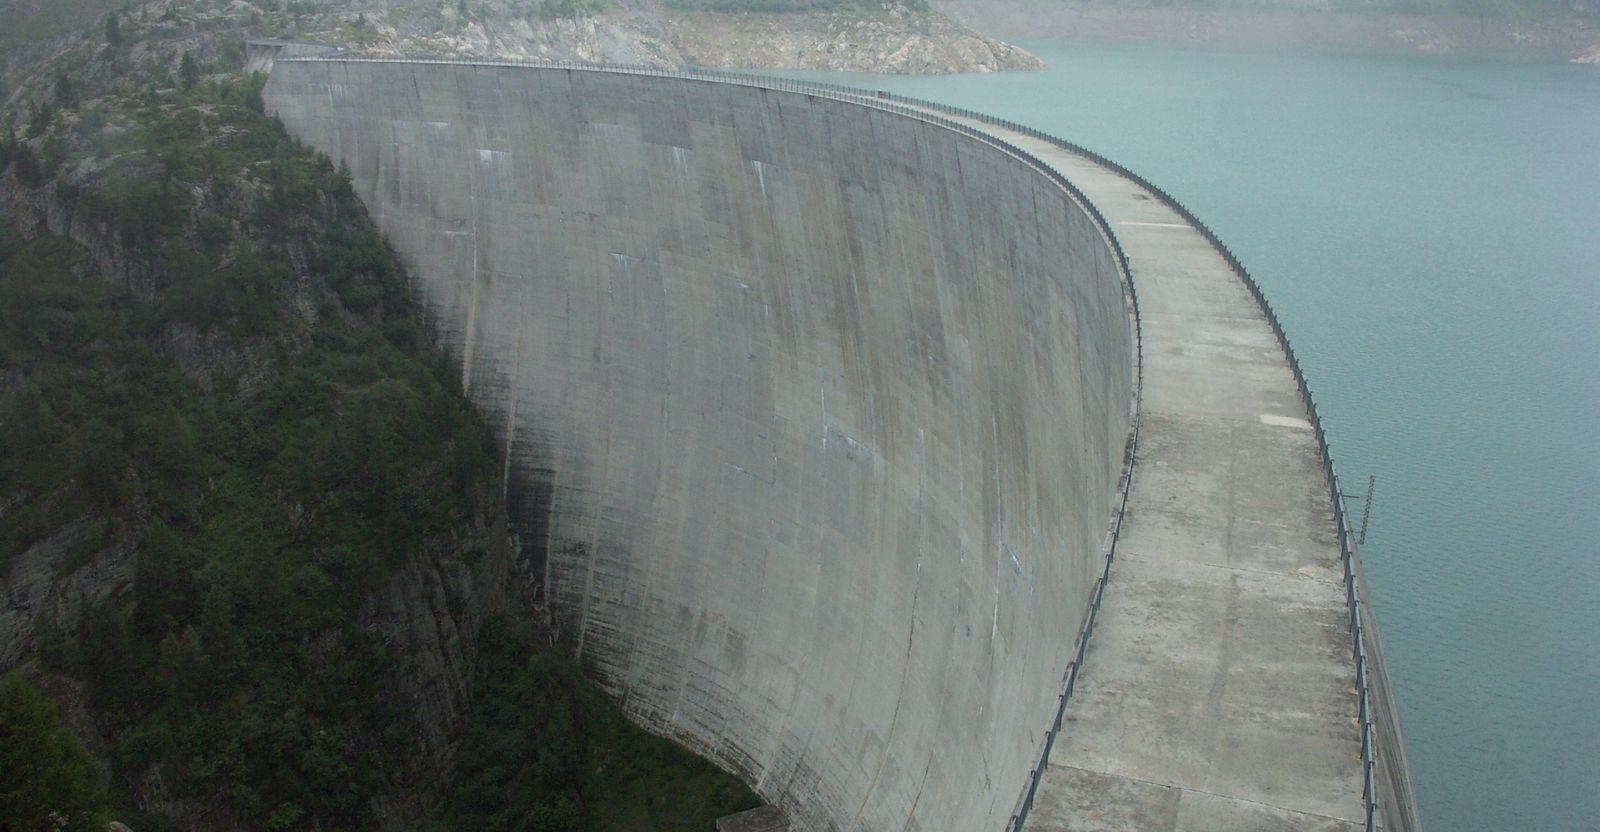 le riserve idriche usate per produrre energia elettrica